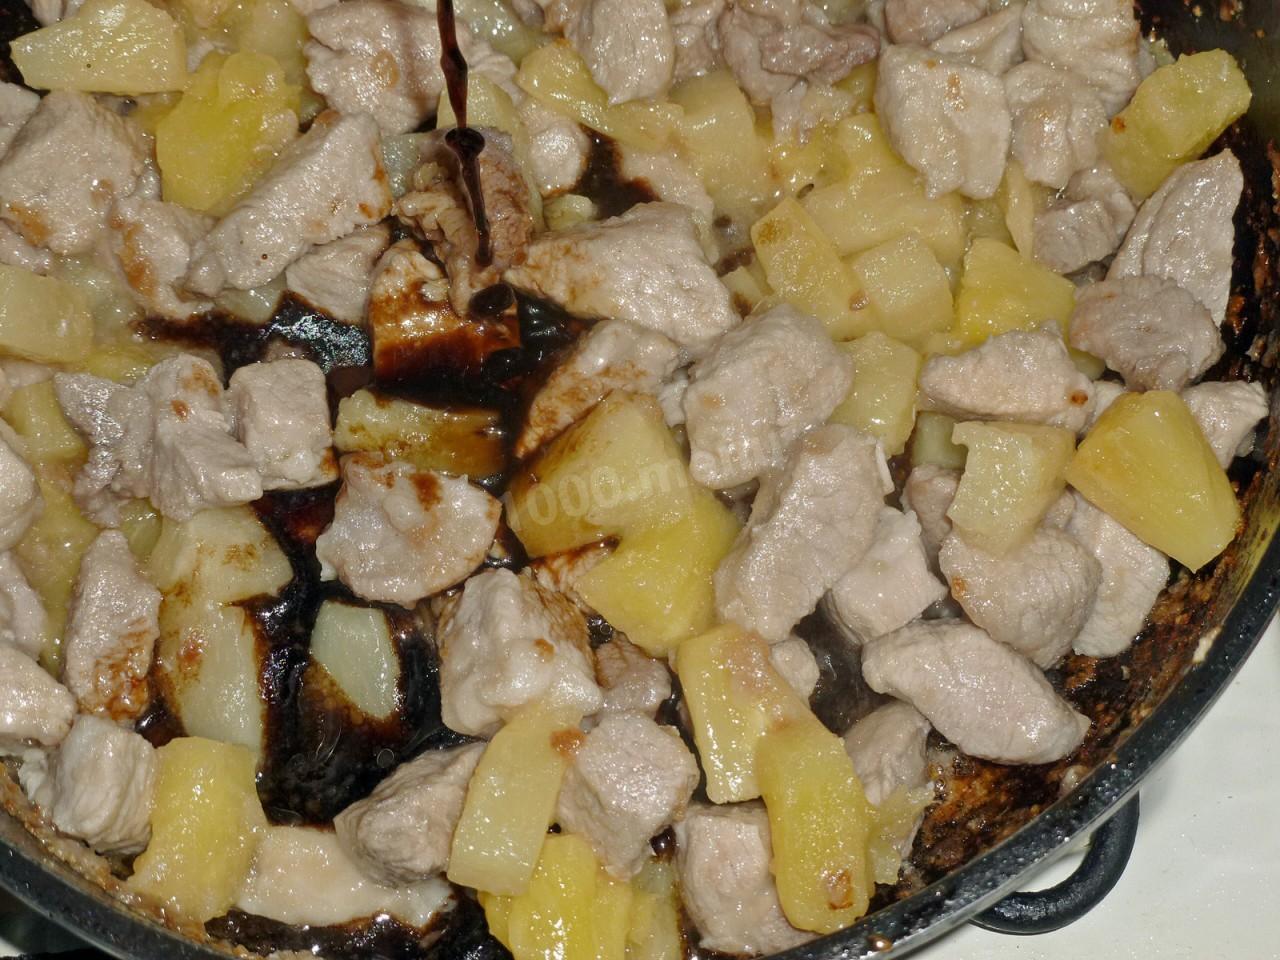 Курица в кисло-сладком соусе с ананасами пошаговый рецепт